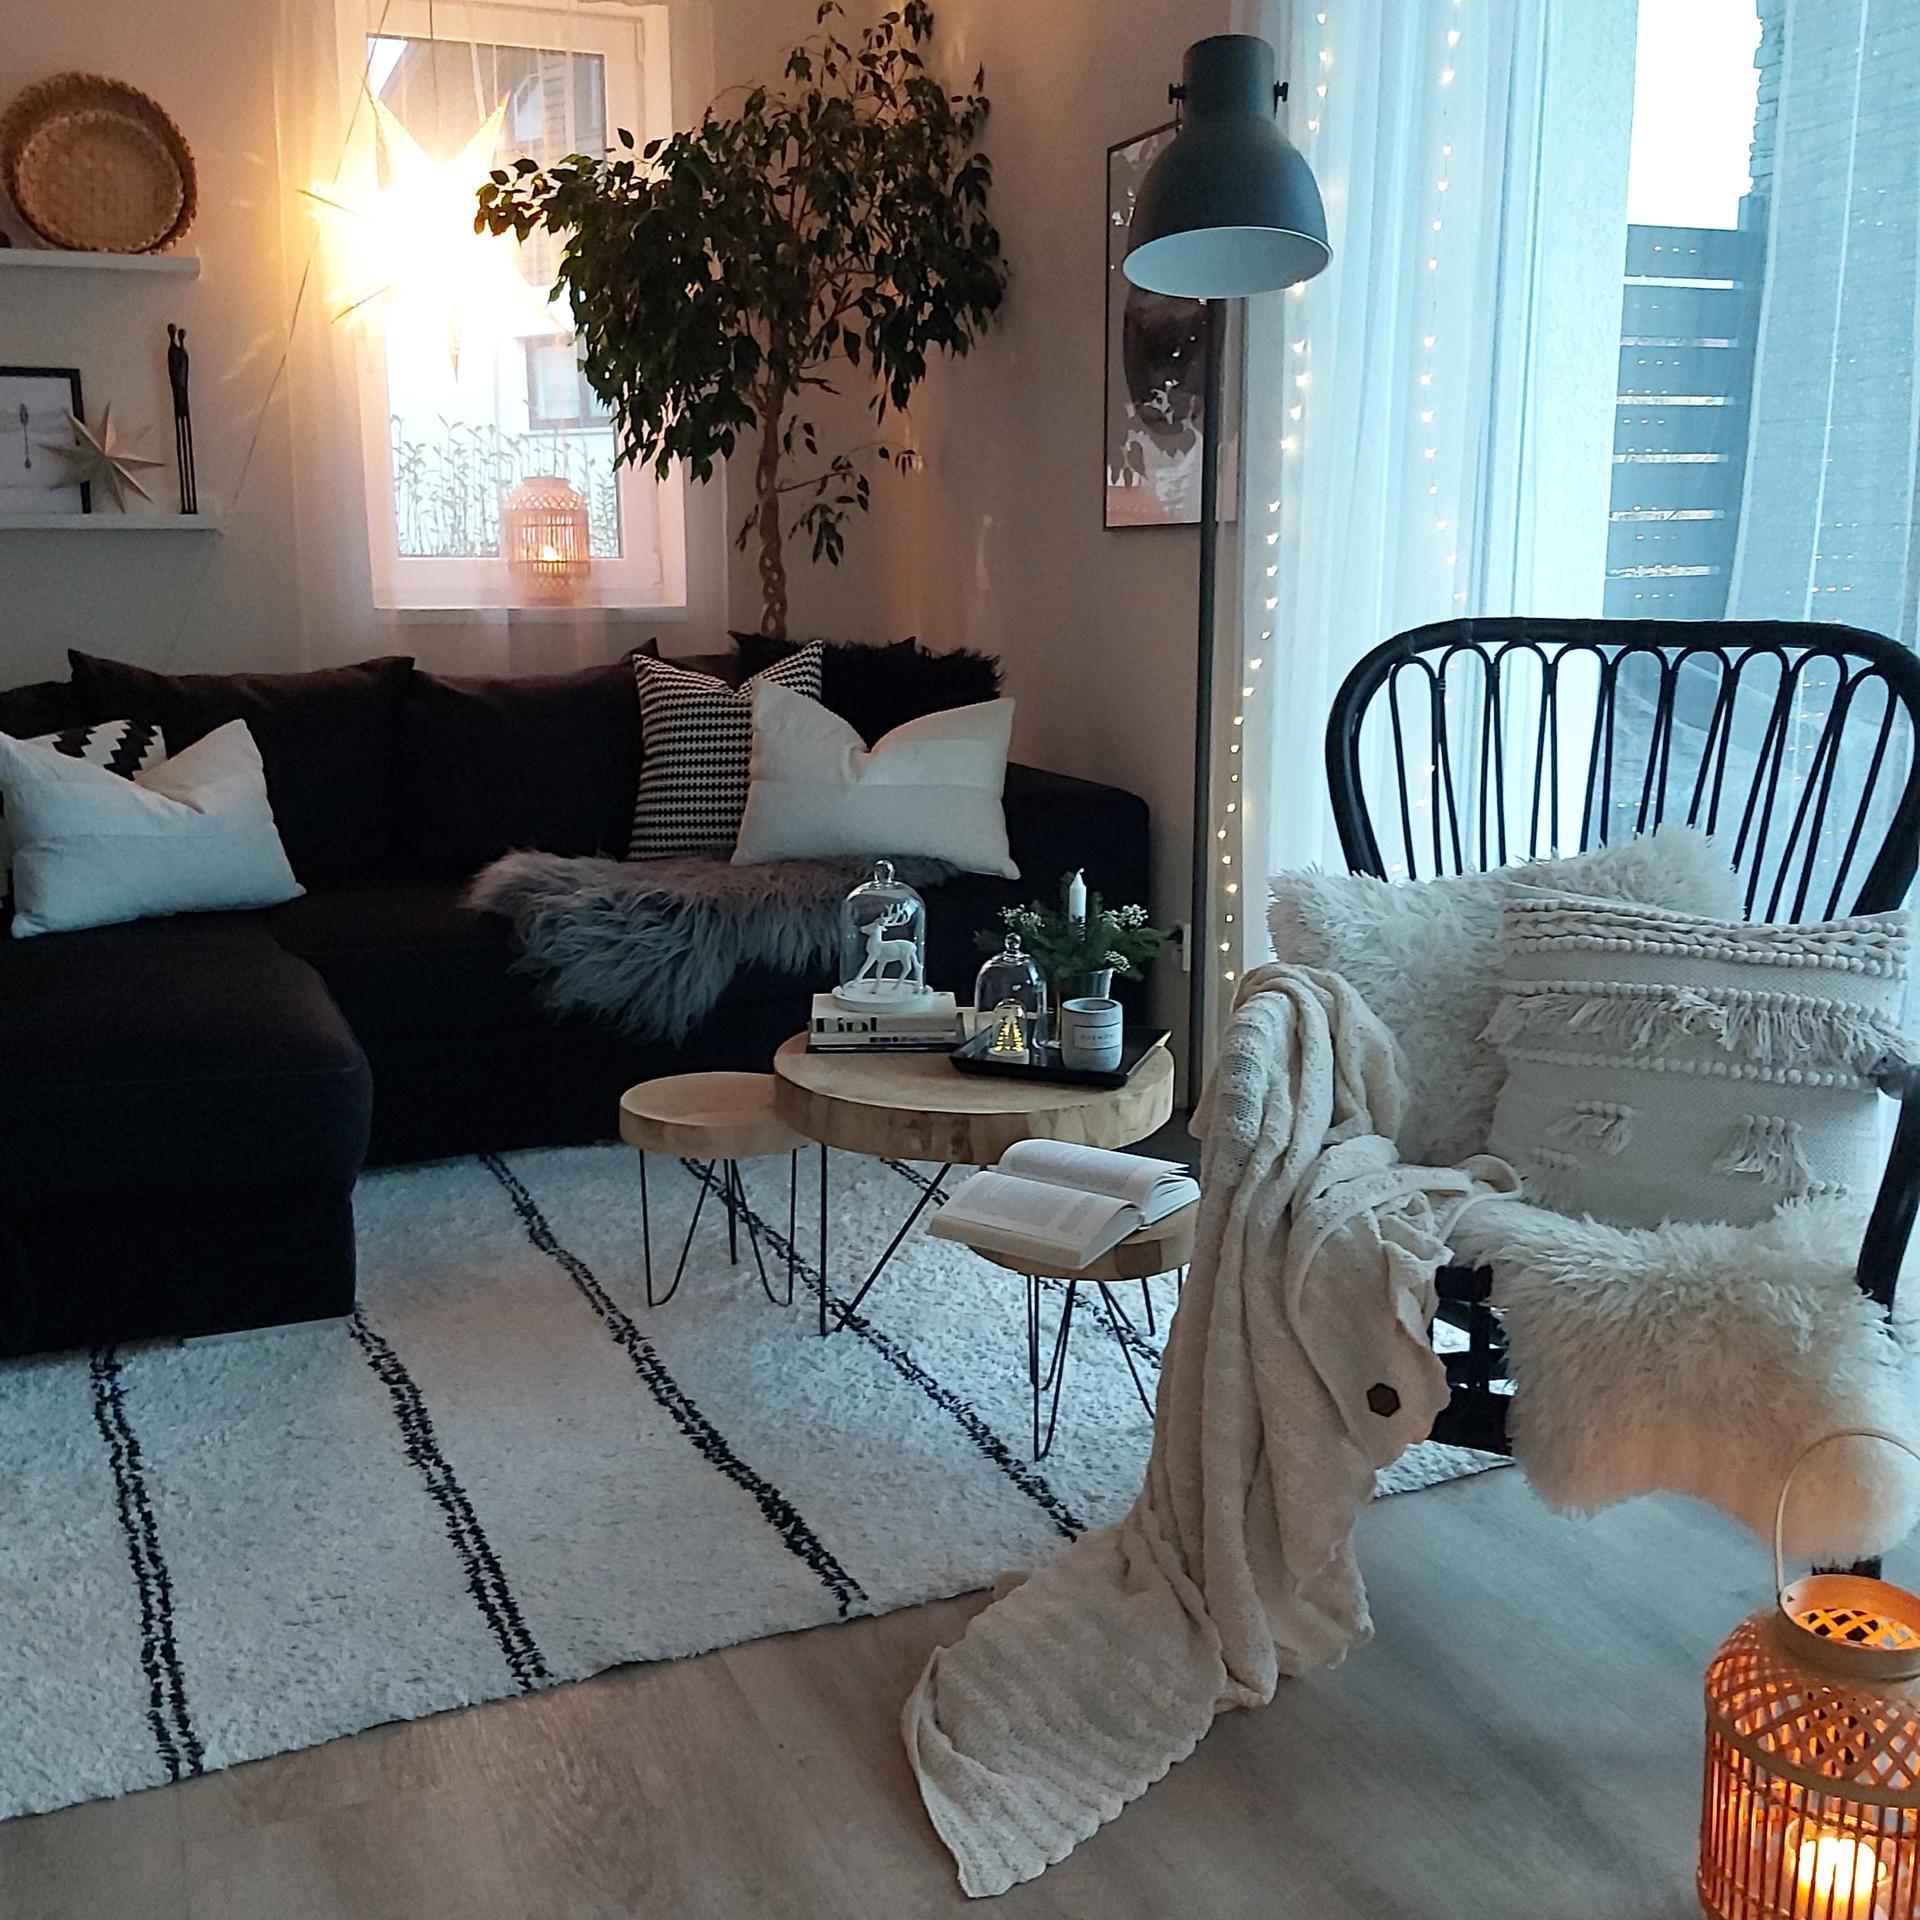 obývací pokoj - Obrázek č. 2